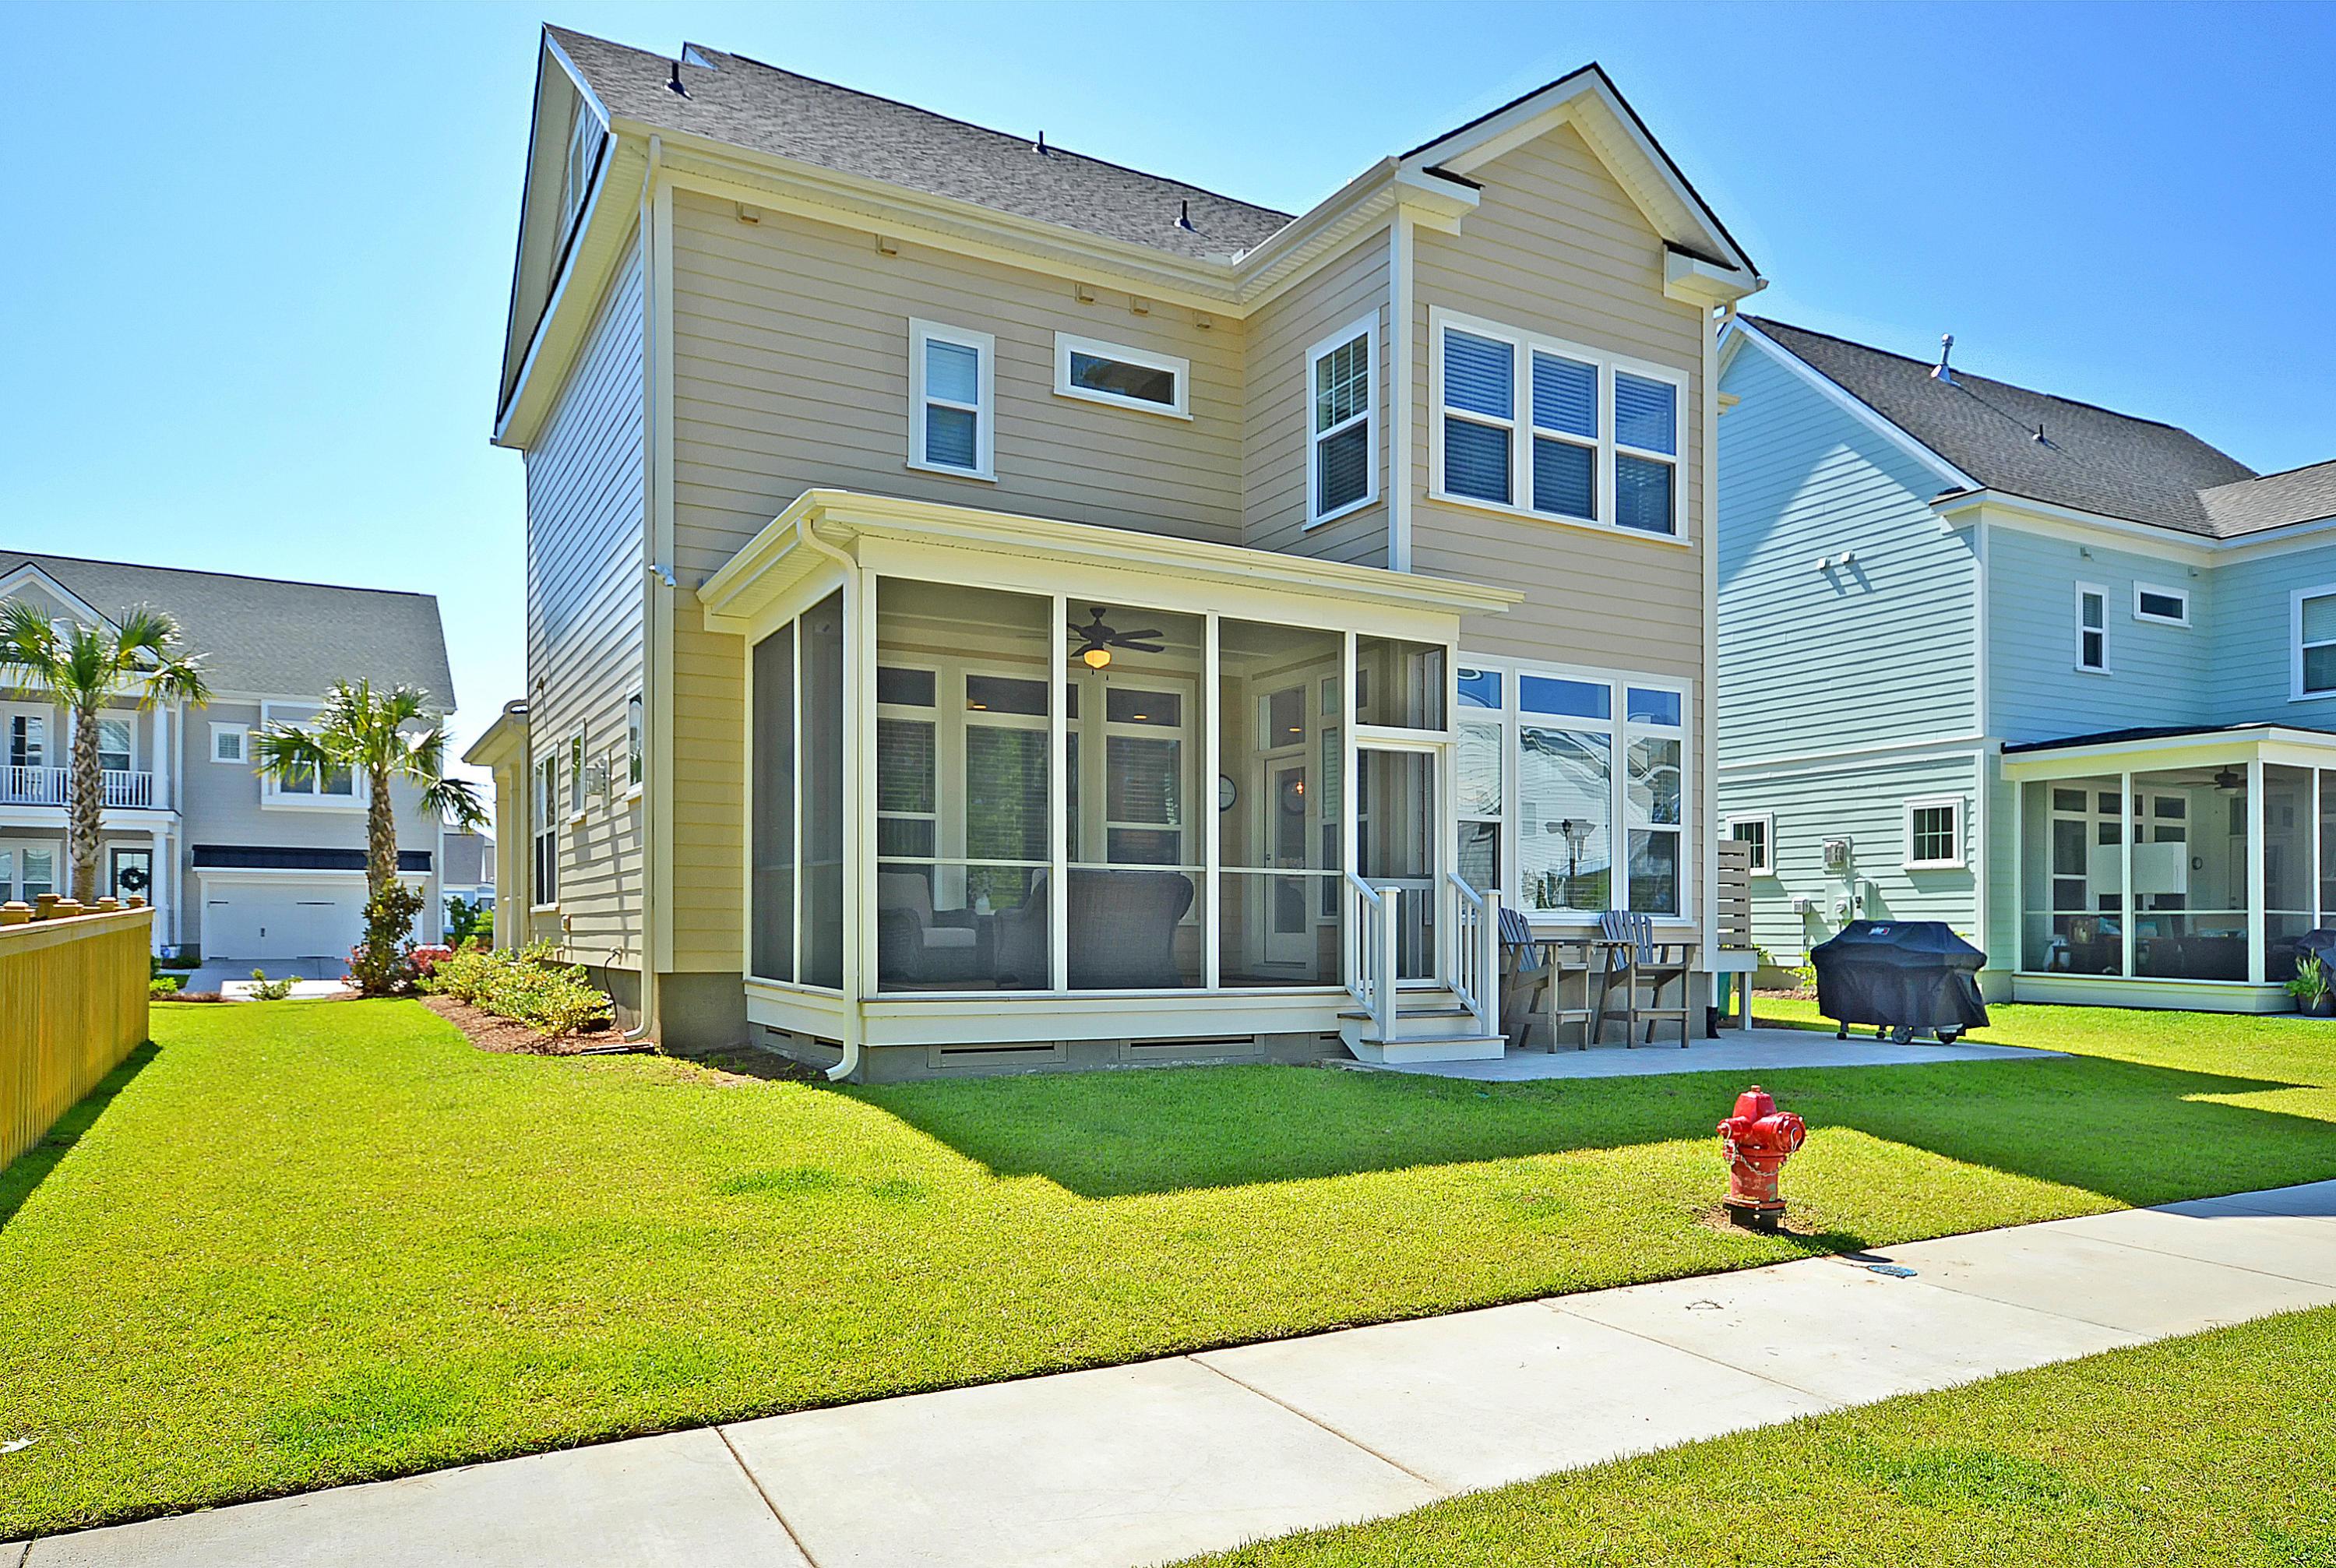 Dunes West Homes For Sale - 2927 Eddy, Mount Pleasant, SC - 6